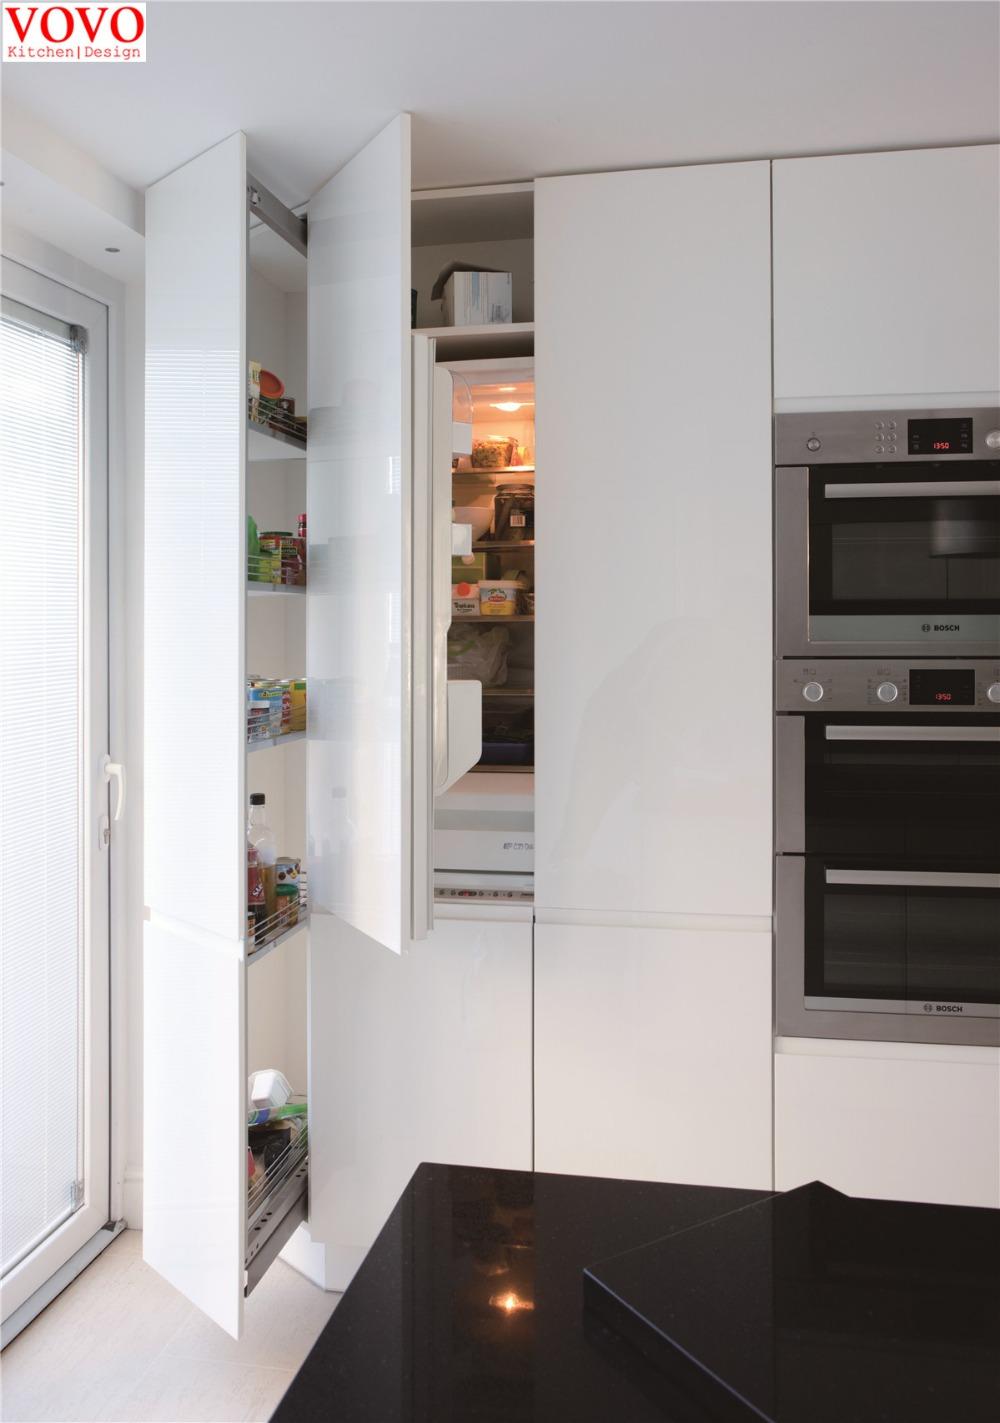 achetez en gros armoires de cuisine moderne style en ligne des grossistes armoires de cuisine. Black Bedroom Furniture Sets. Home Design Ideas